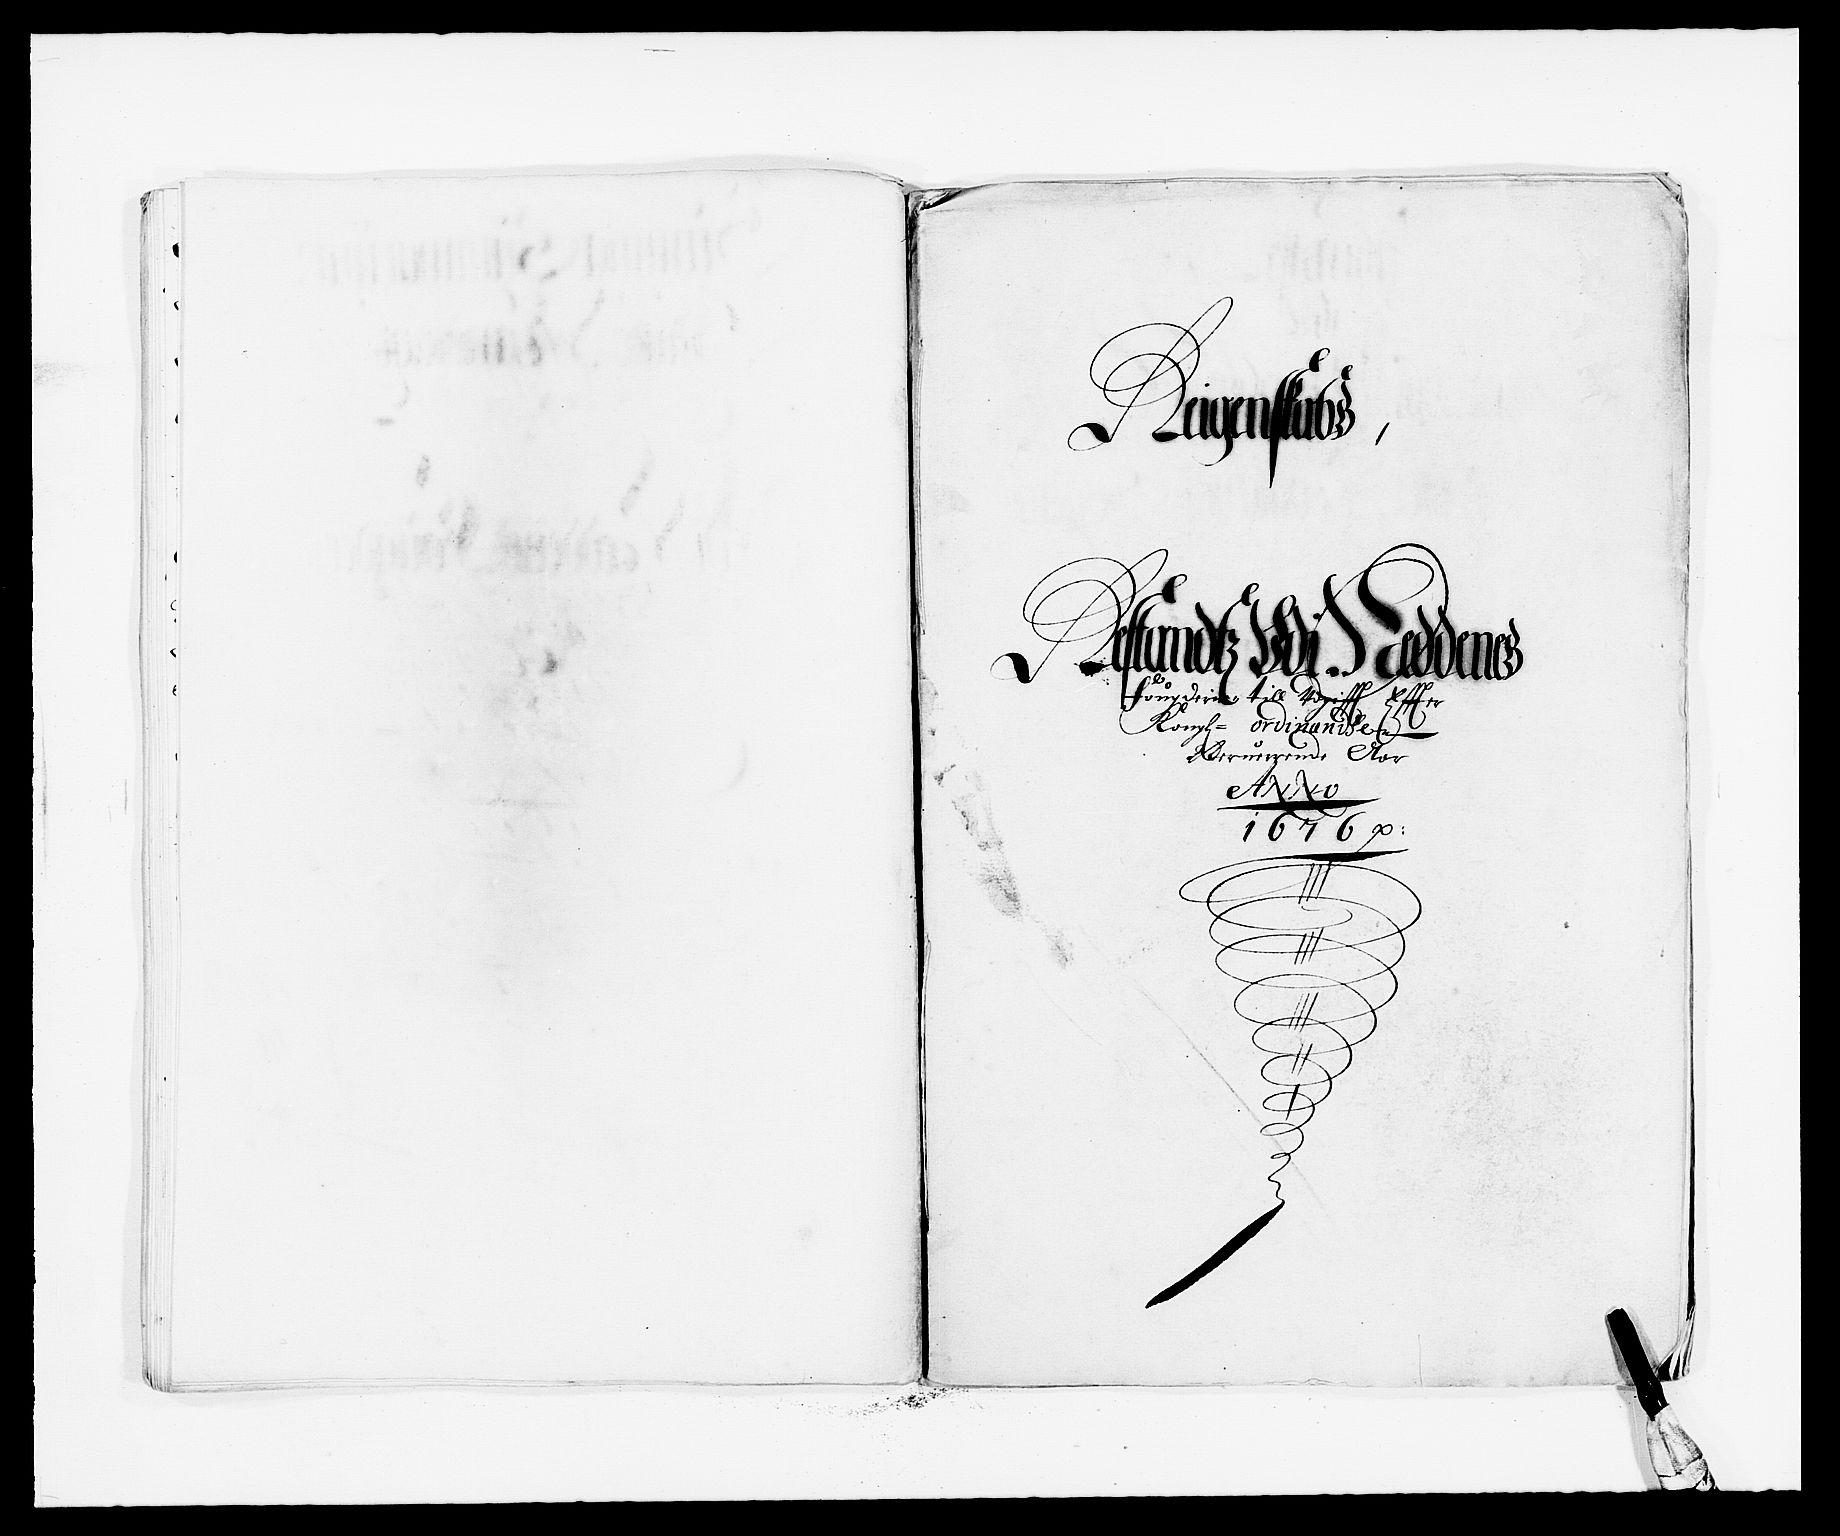 RA, Rentekammeret inntil 1814, Reviderte regnskaper, Fogderegnskap, R39/L2301: Fogderegnskap Nedenes, 1675-1676, s. 345